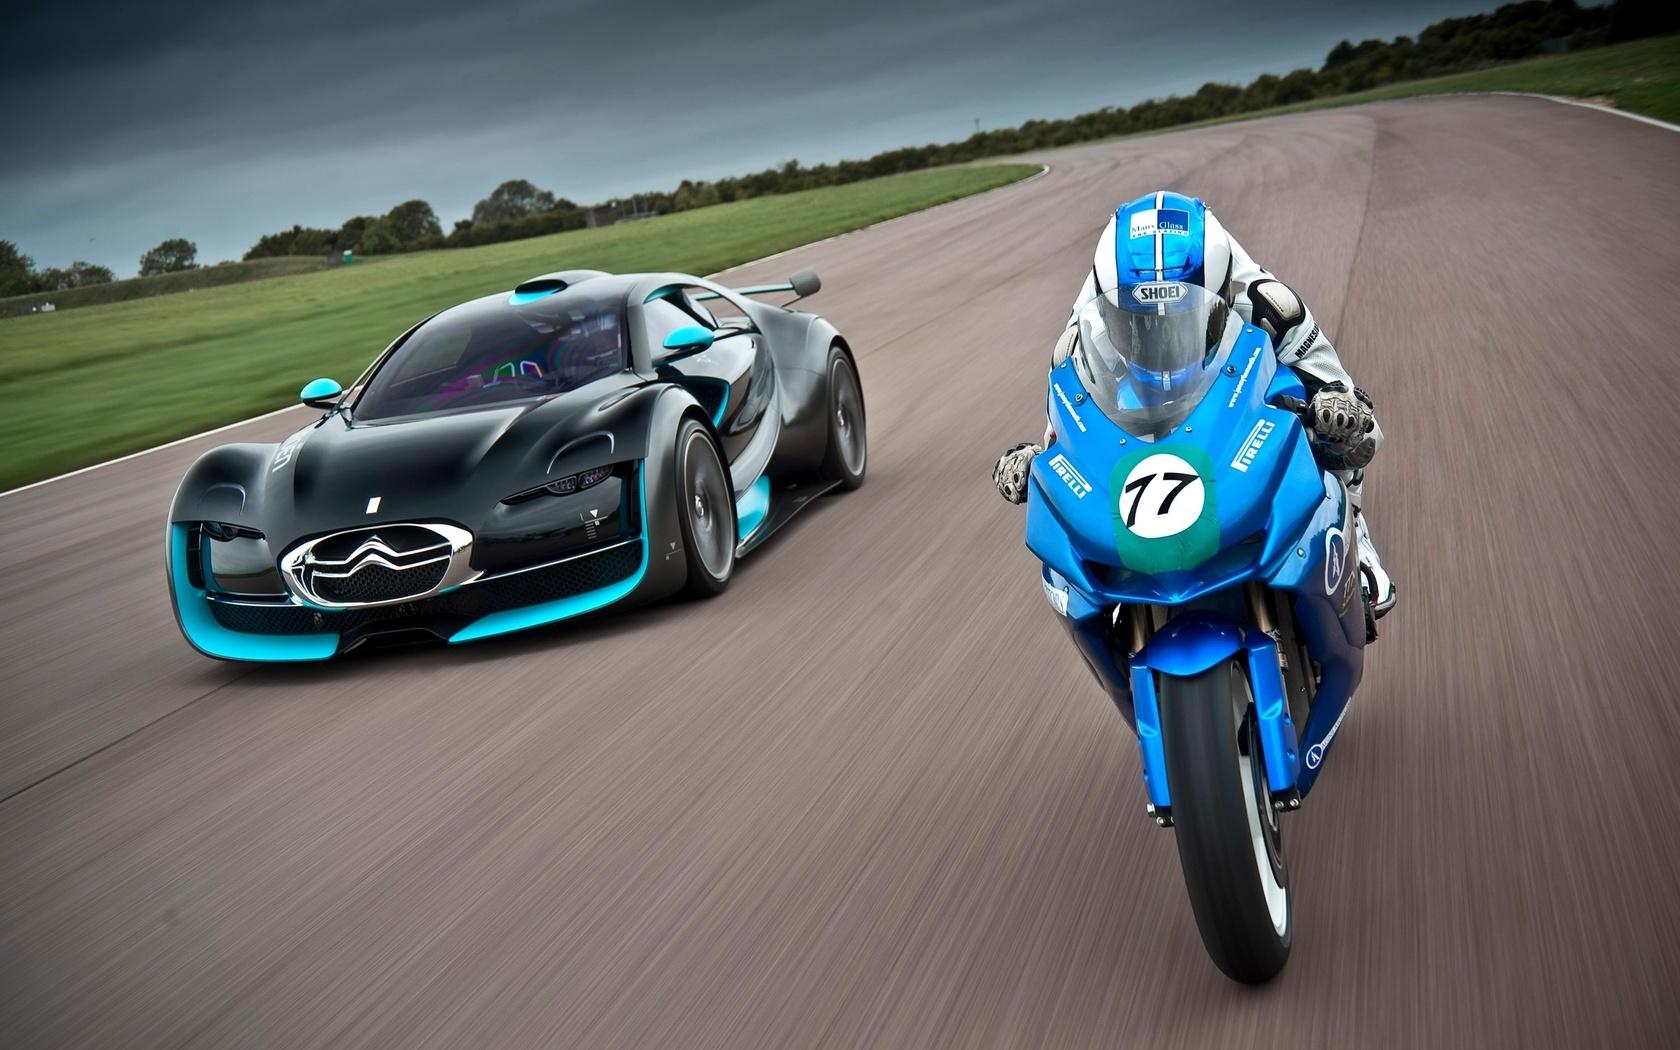 moto, road, machine, motorcycle, the front, agni, citroen, survolt, z2